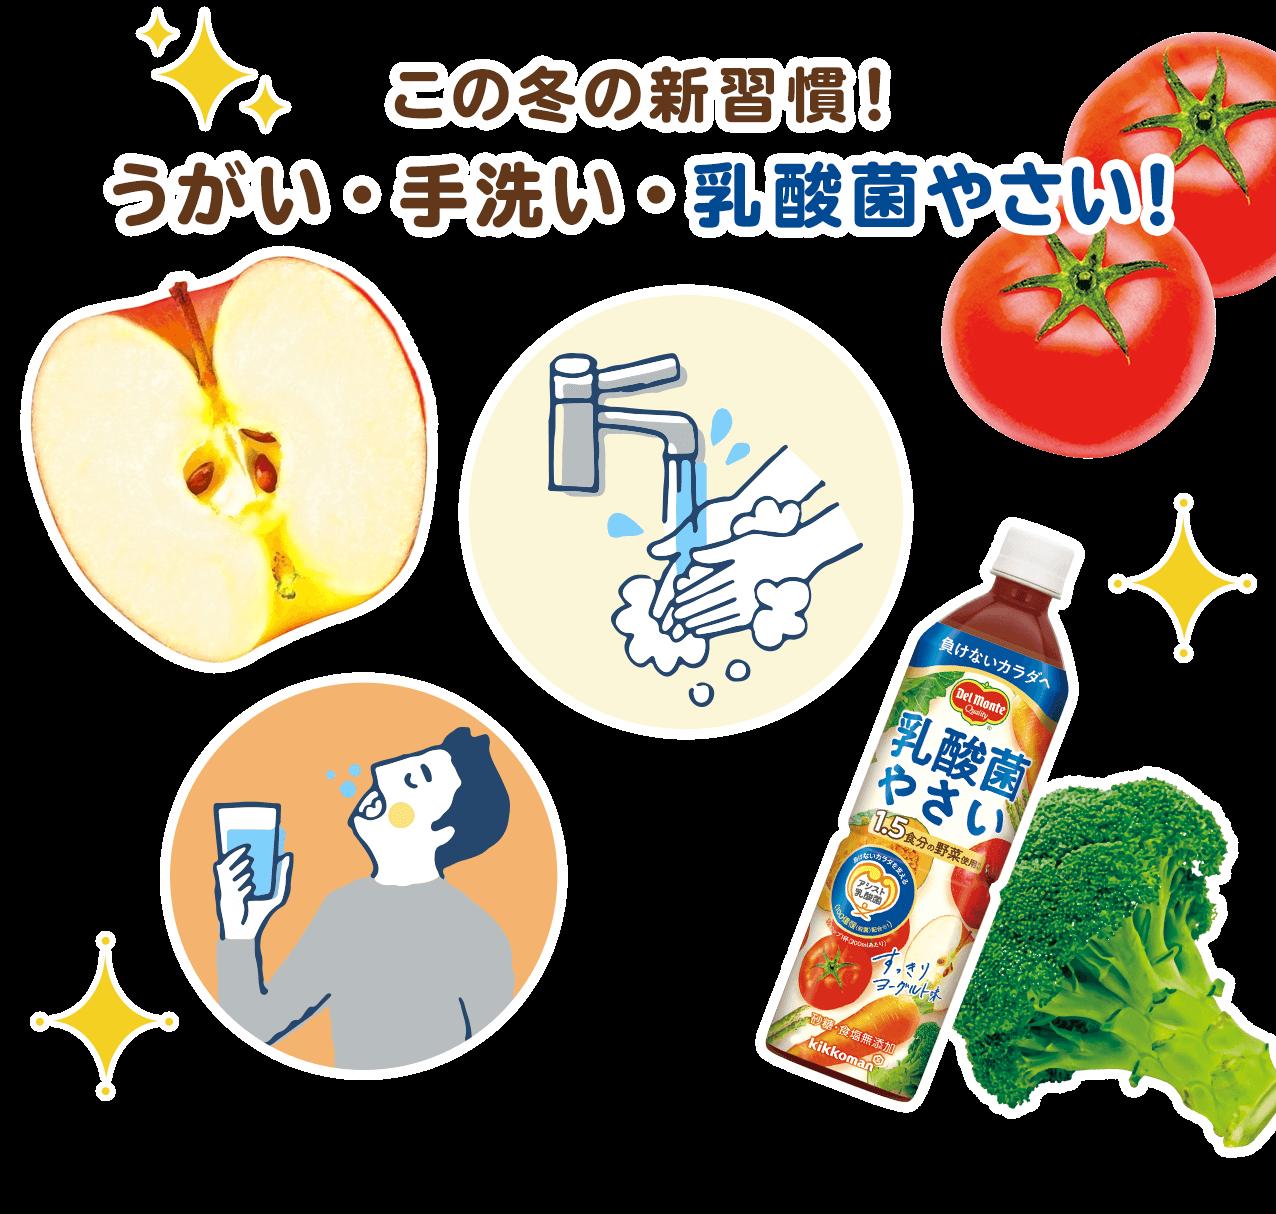 この冬は新習慣!うがい・手洗い・乳酸菌やさい!